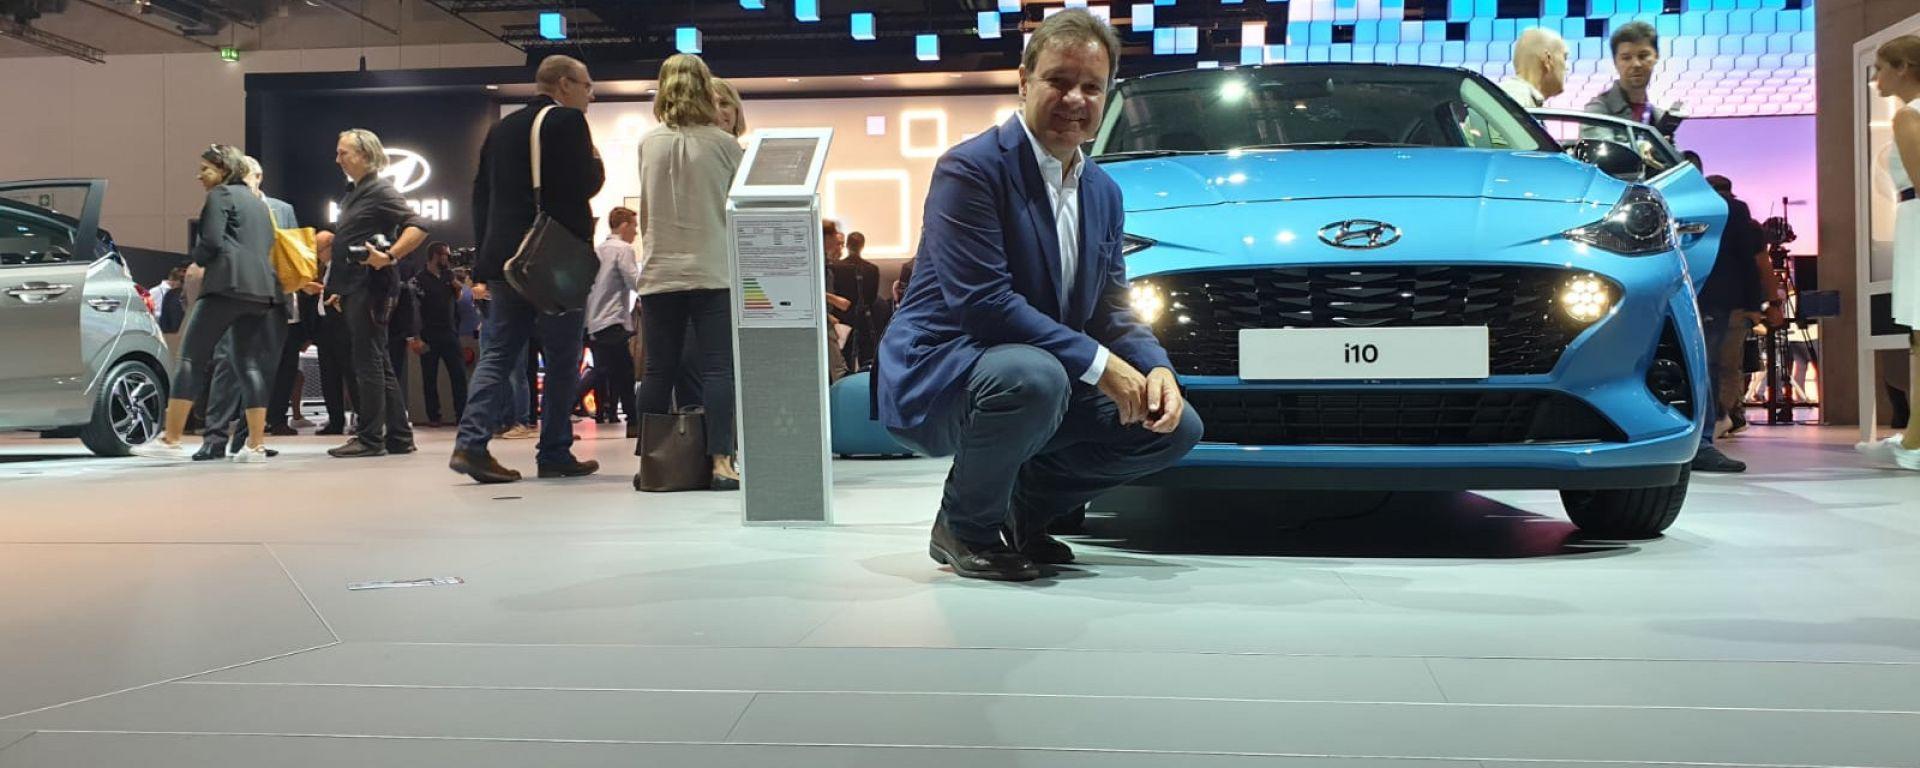 Salone di Francoforte 2019: le novità allo stand Hyundai